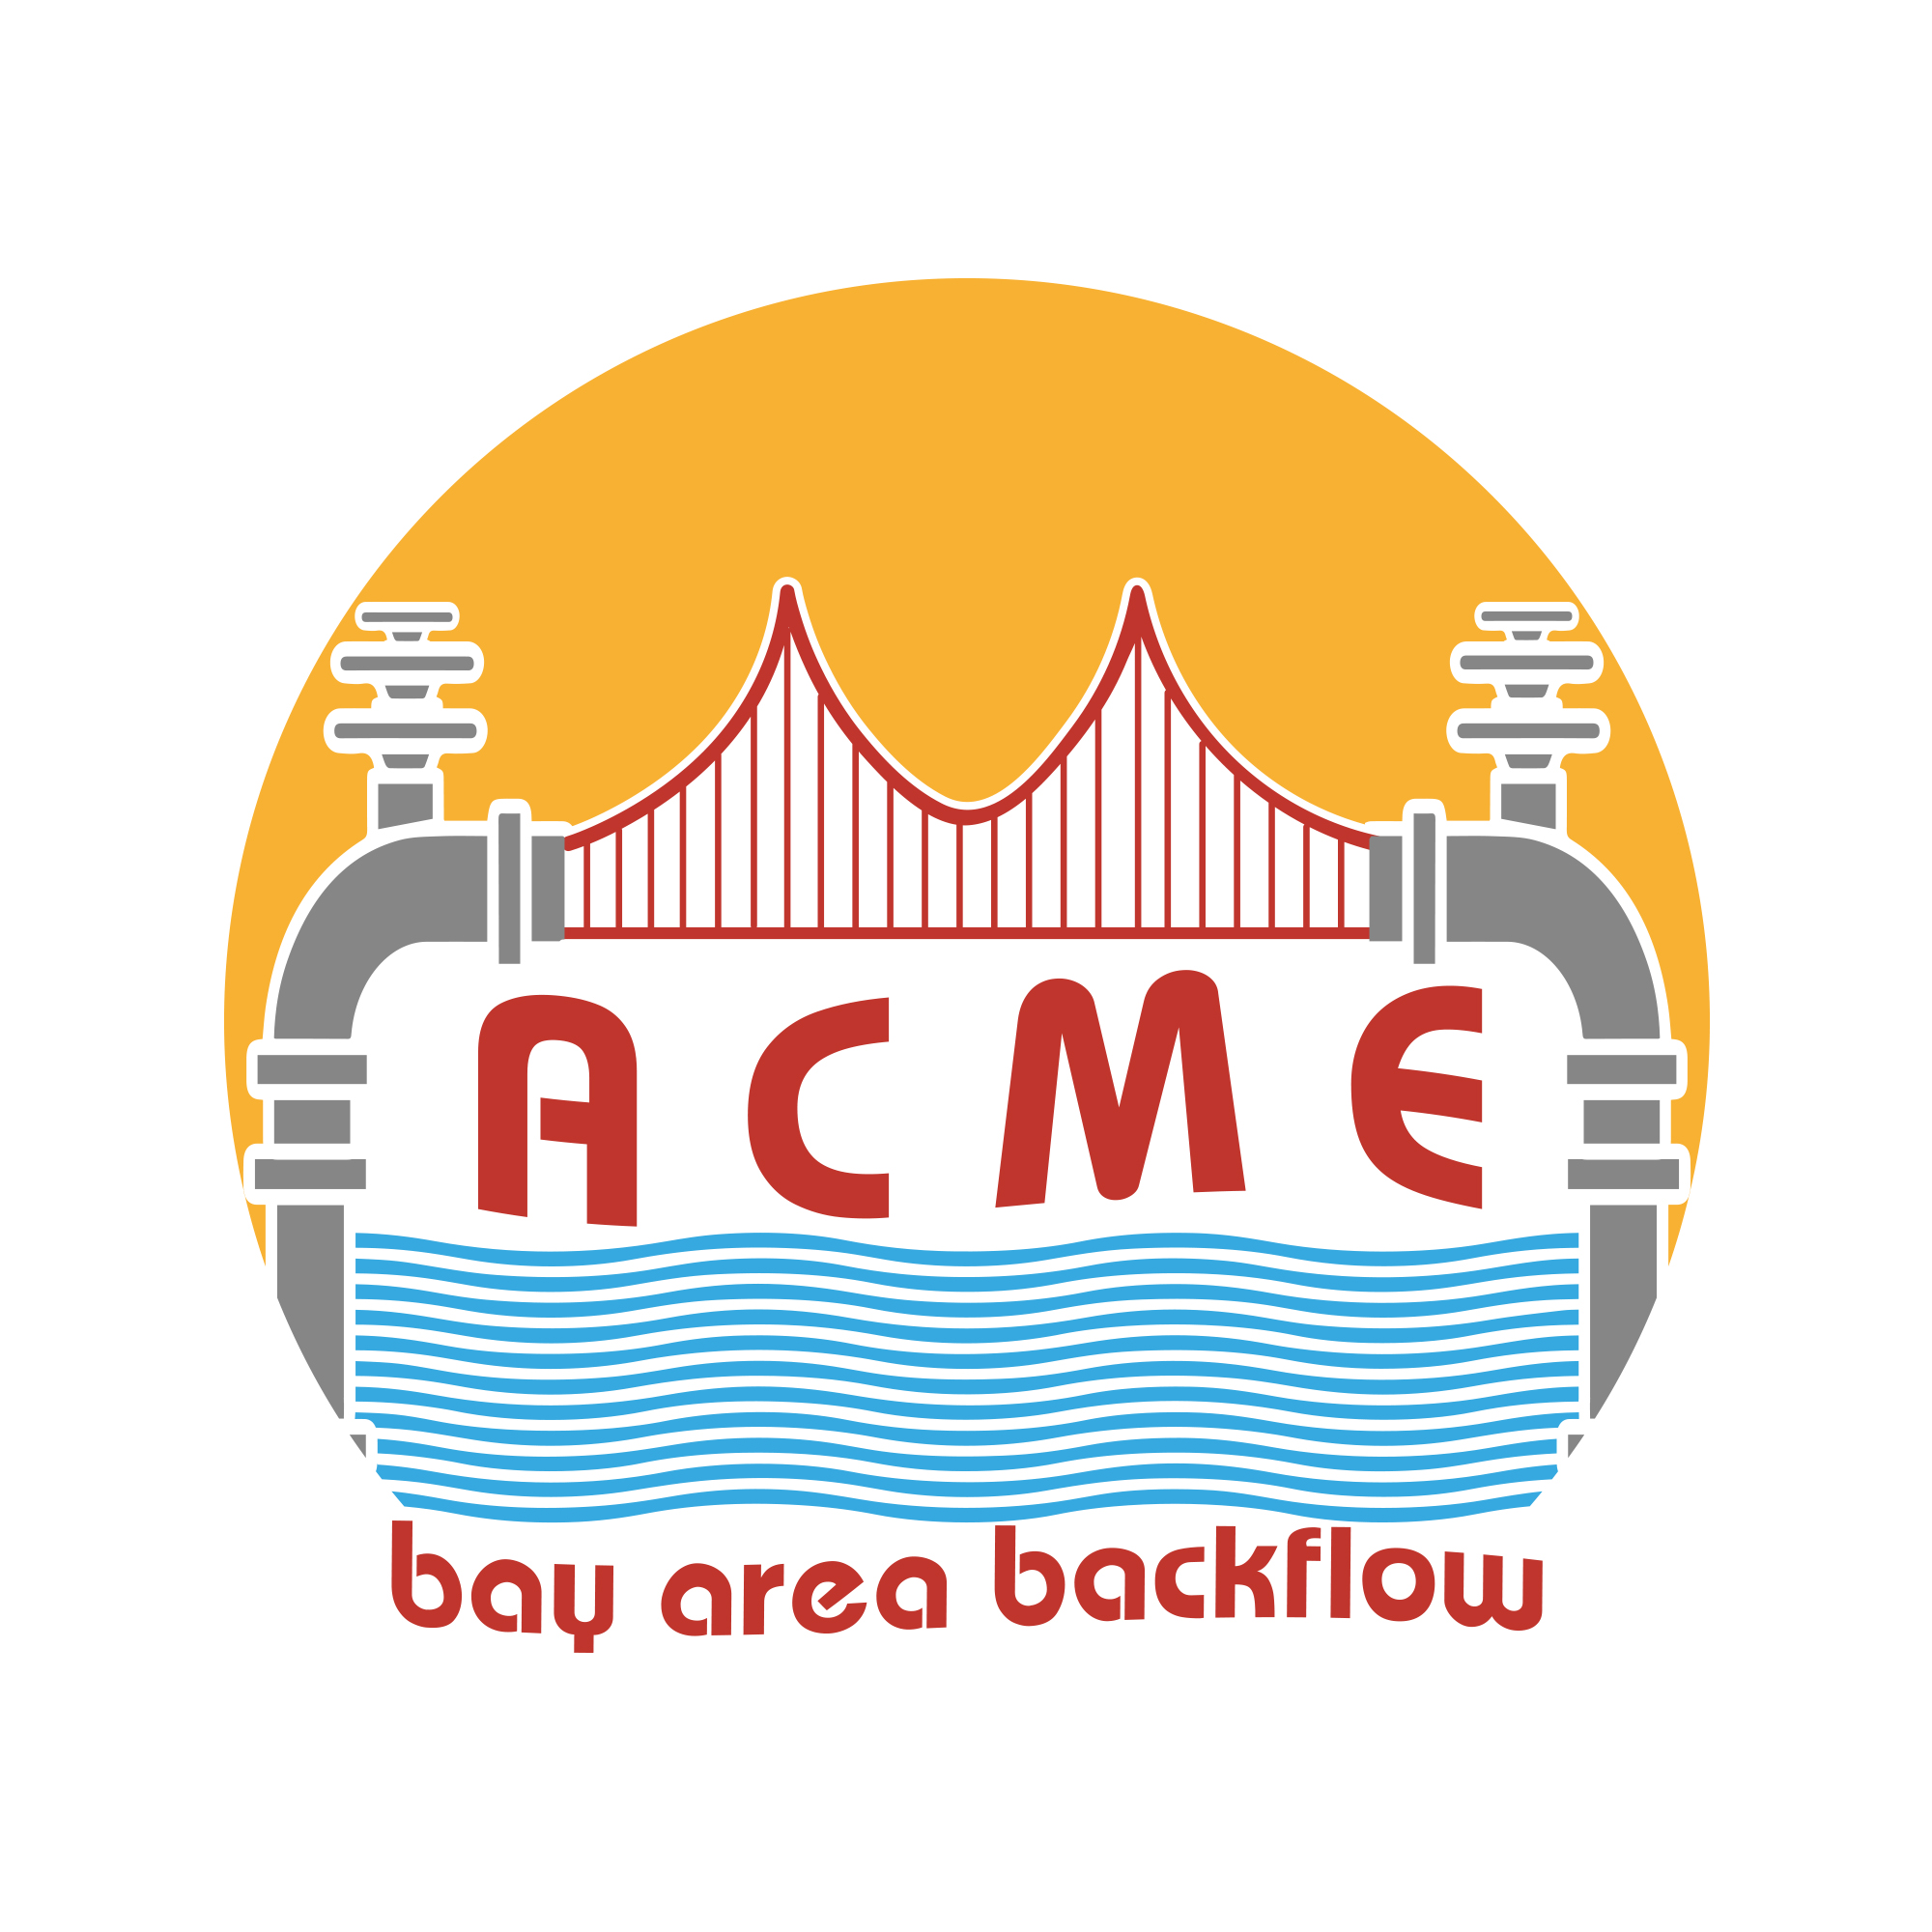 - San Mateo County Backflow Testing